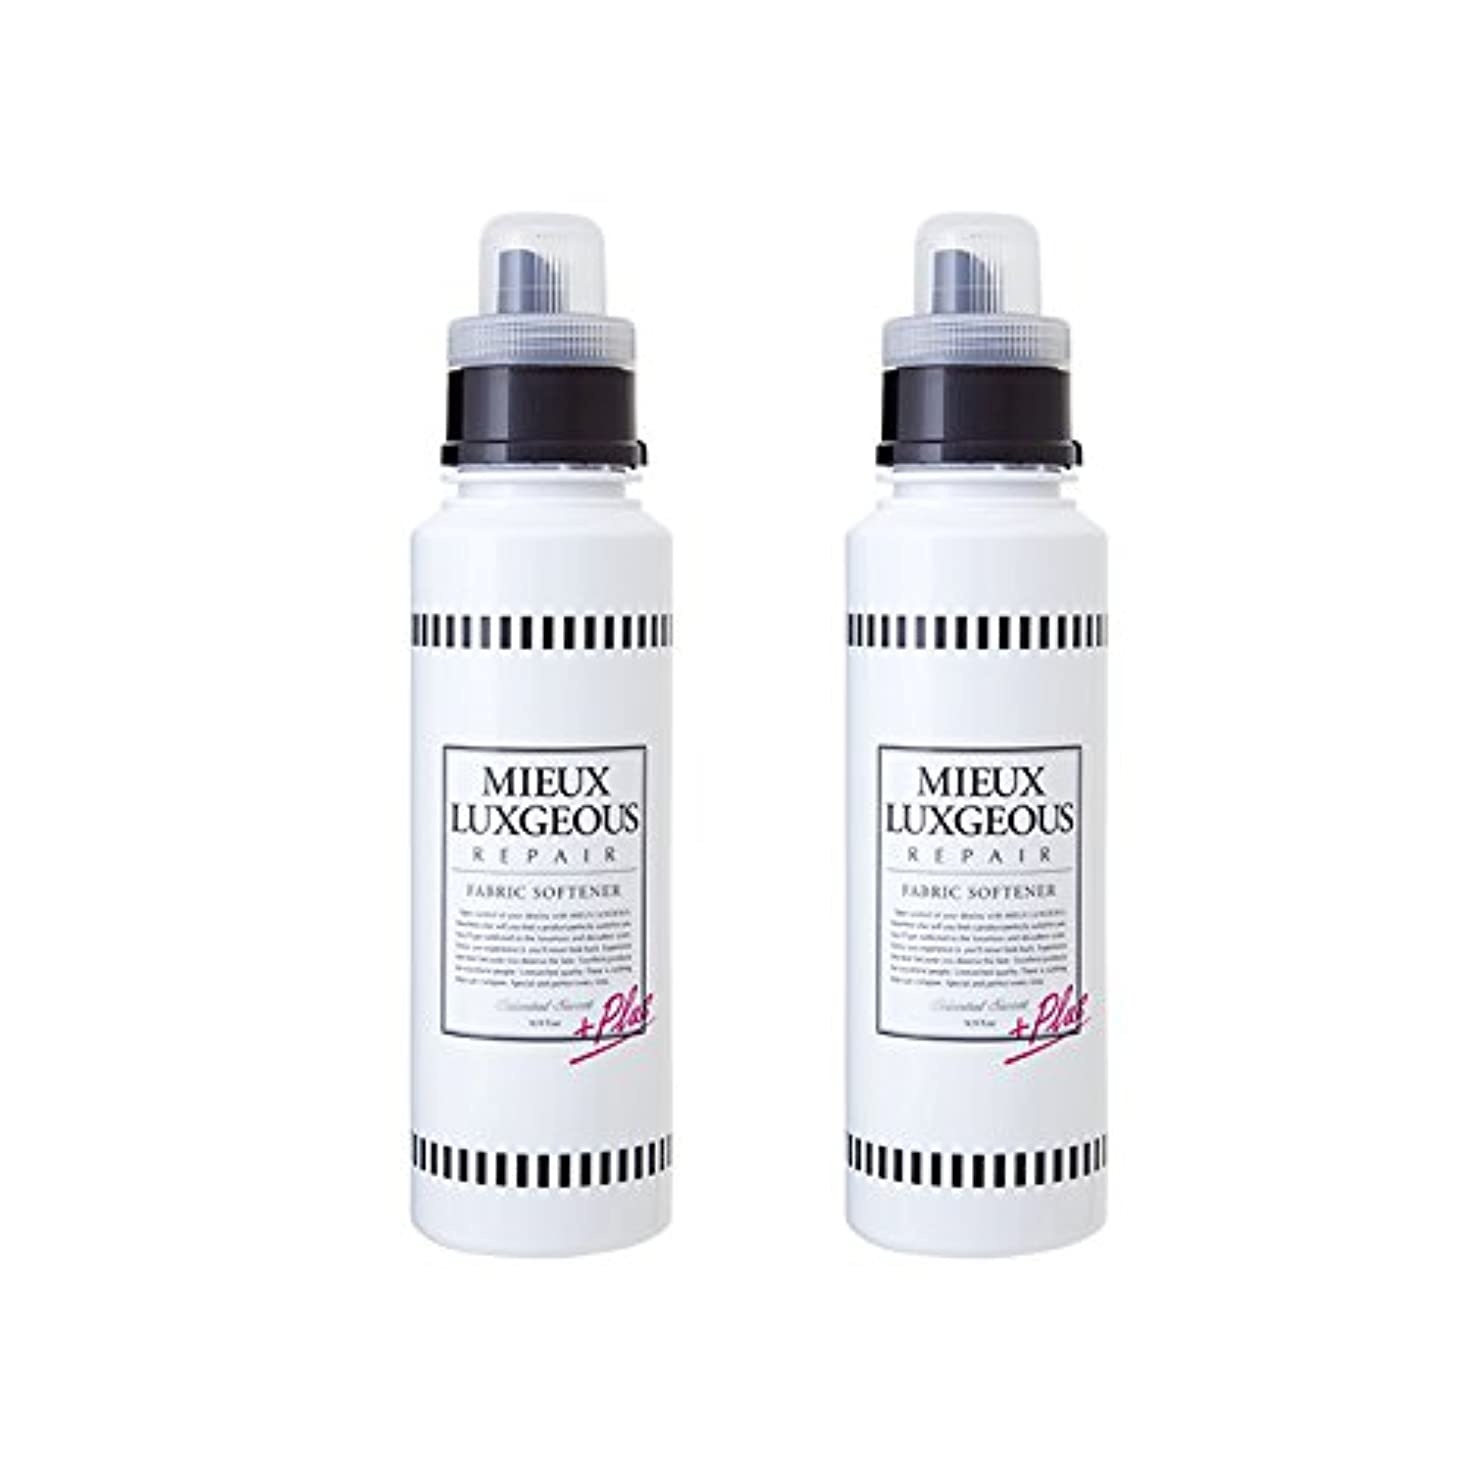 ユニークな芽ベアリングMIEUX LUXGEOUS ミューラグジャス 柔軟剤リペアプラス -Oriental Sweetの香り- 2本セット